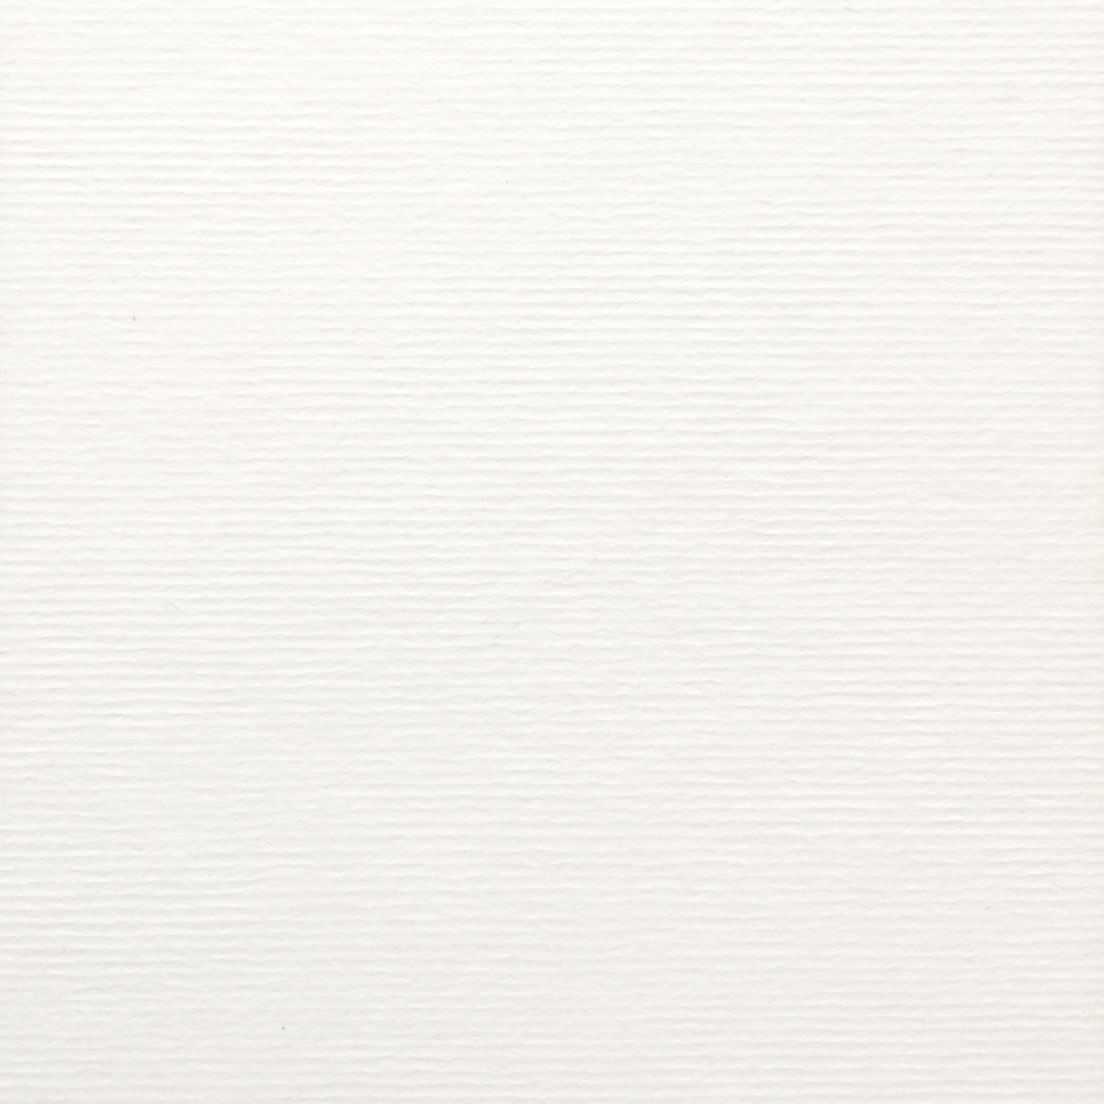 2,3 mm standard-passepartout efter mått 40x50 cm | polarvit